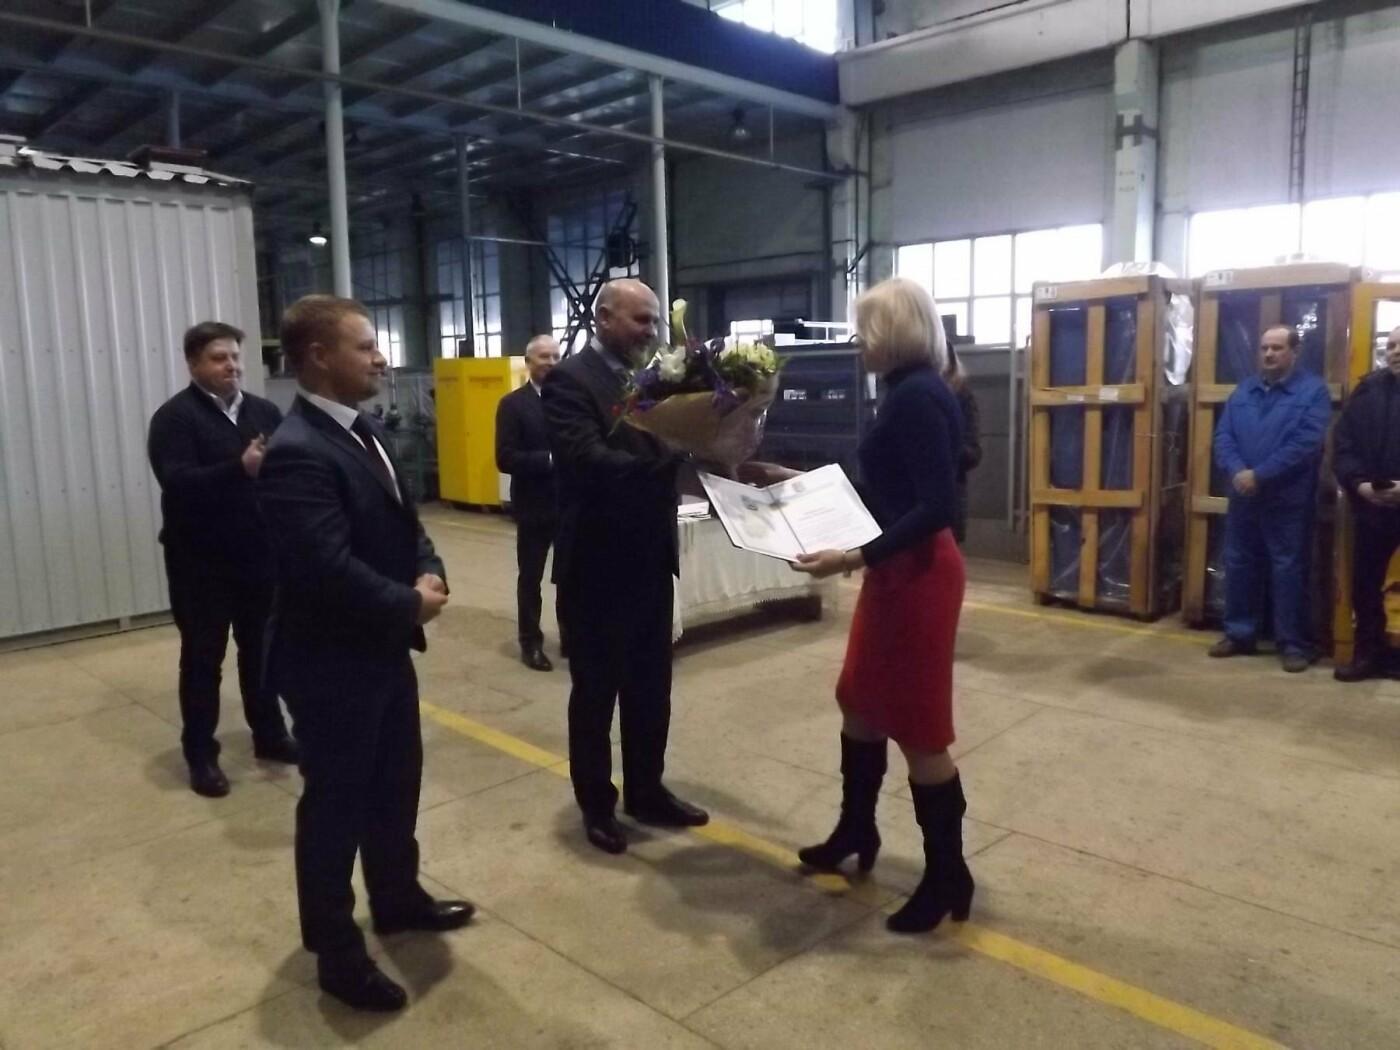 Губернатор Київщини Олександр Горган привітав колектив заводу «Укрінтерм» із 24-річчям